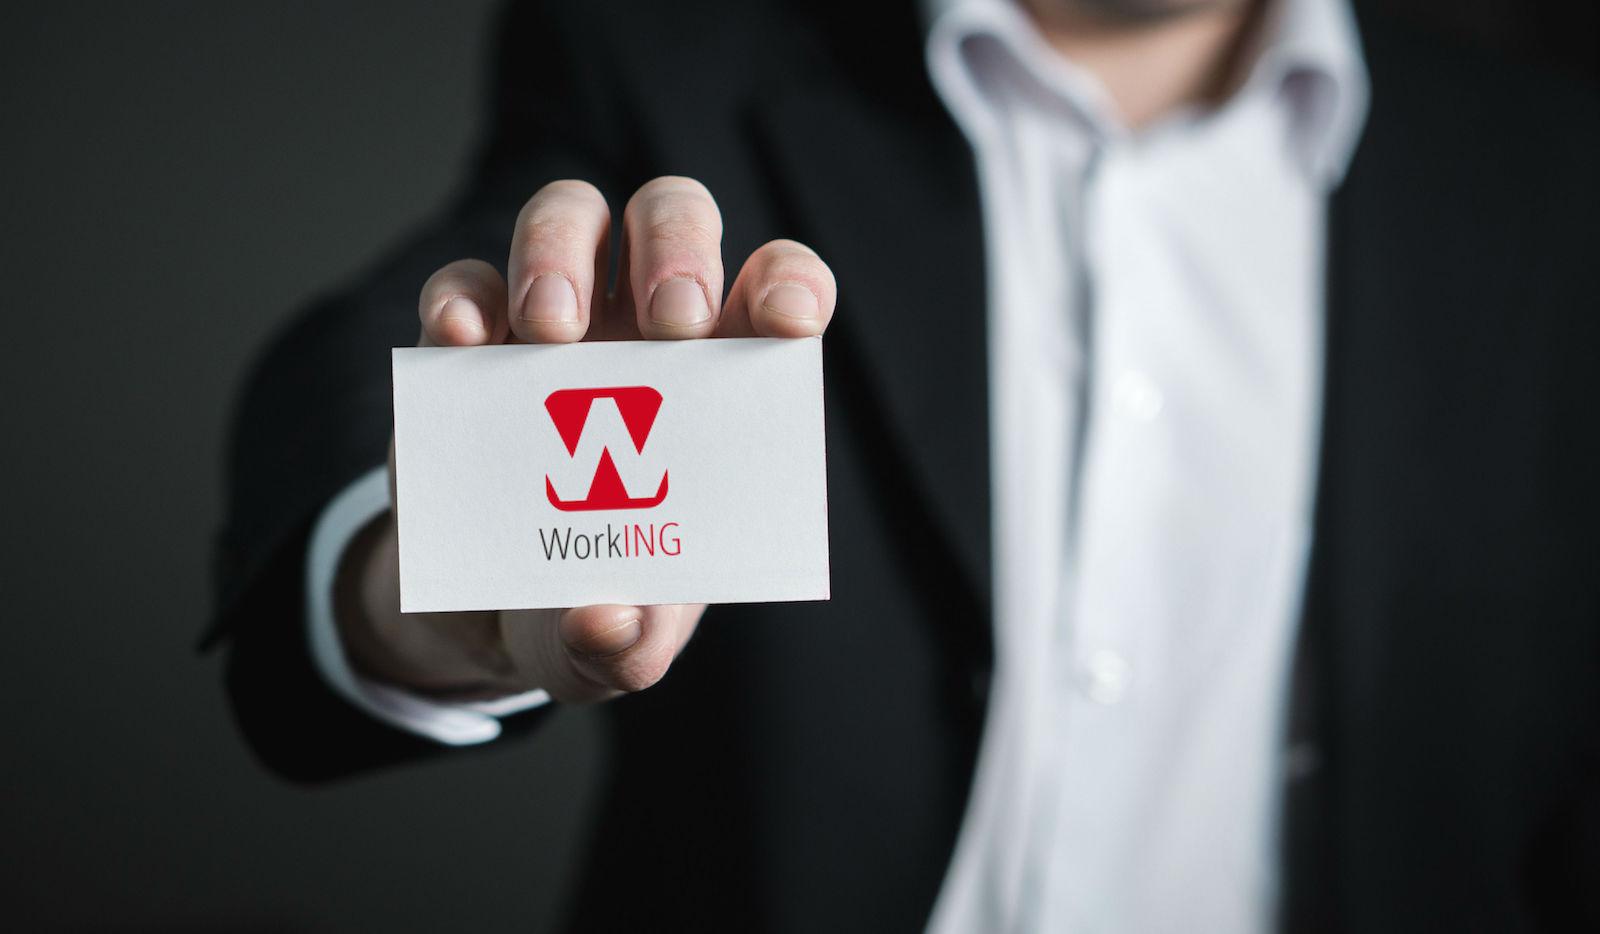 WorkING – Il portale delle opportunità dedicato agli Ingegneri